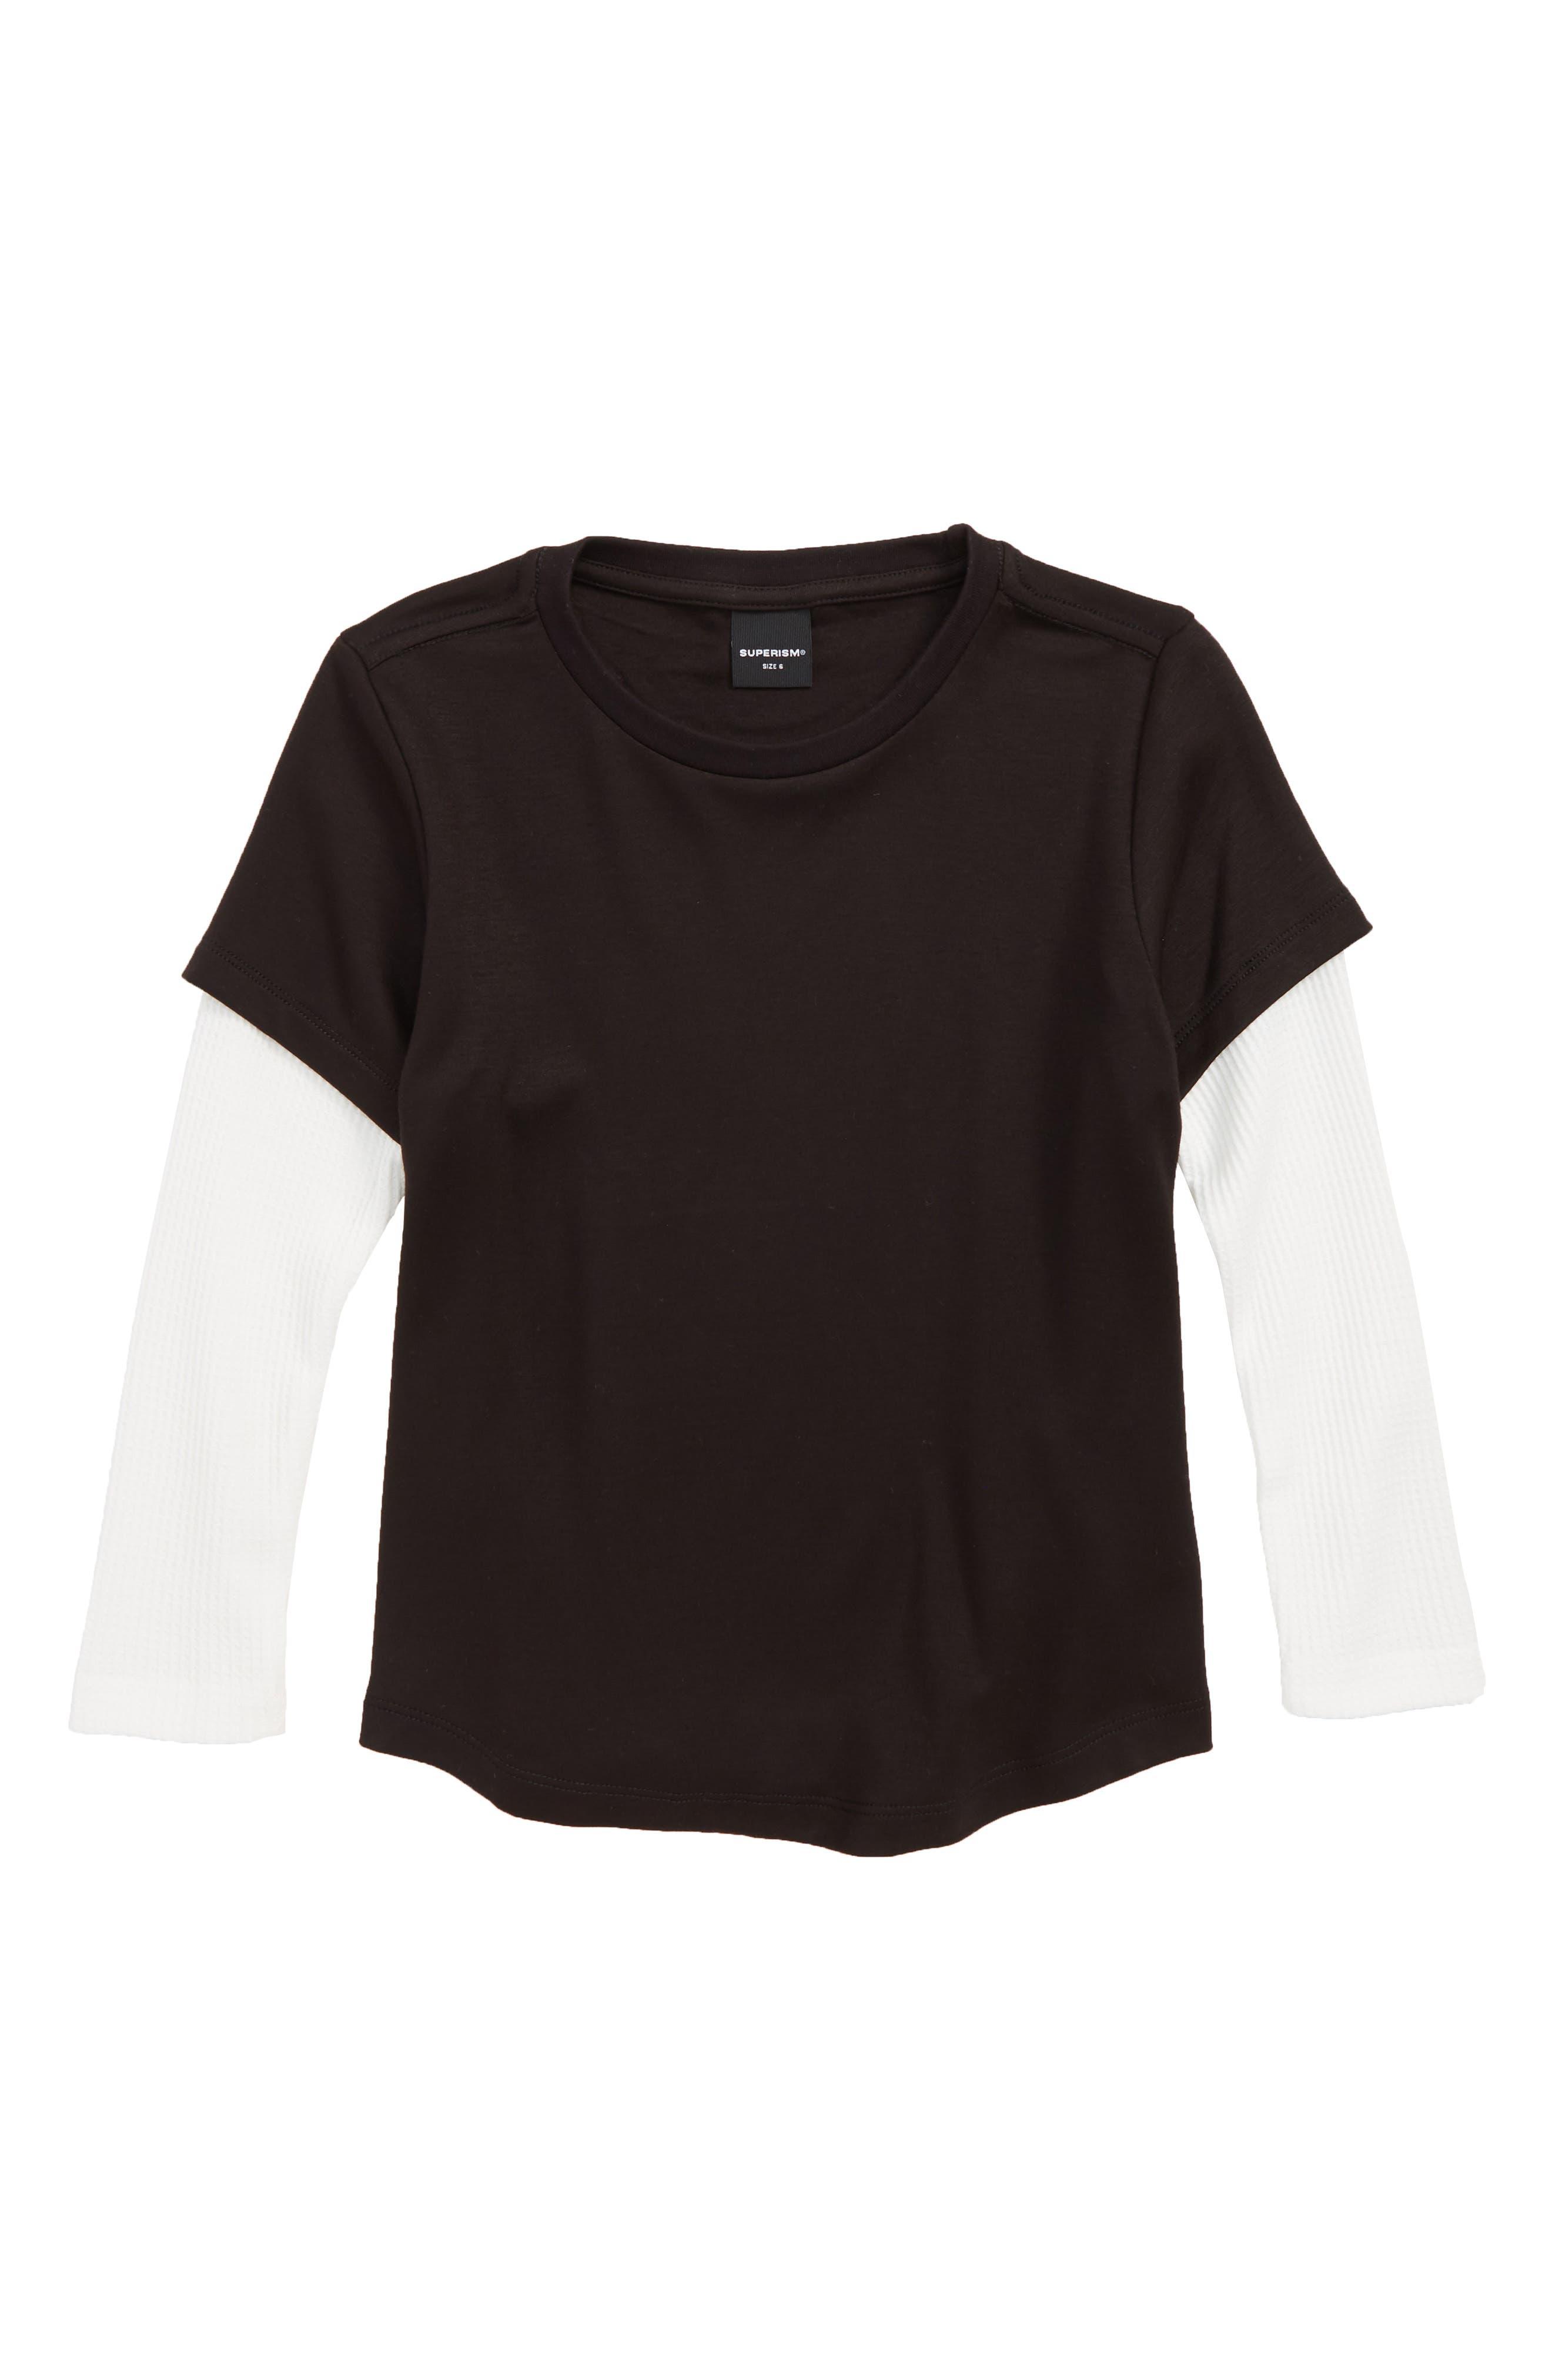 James T-Shirt,                         Main,                         color, BLACK